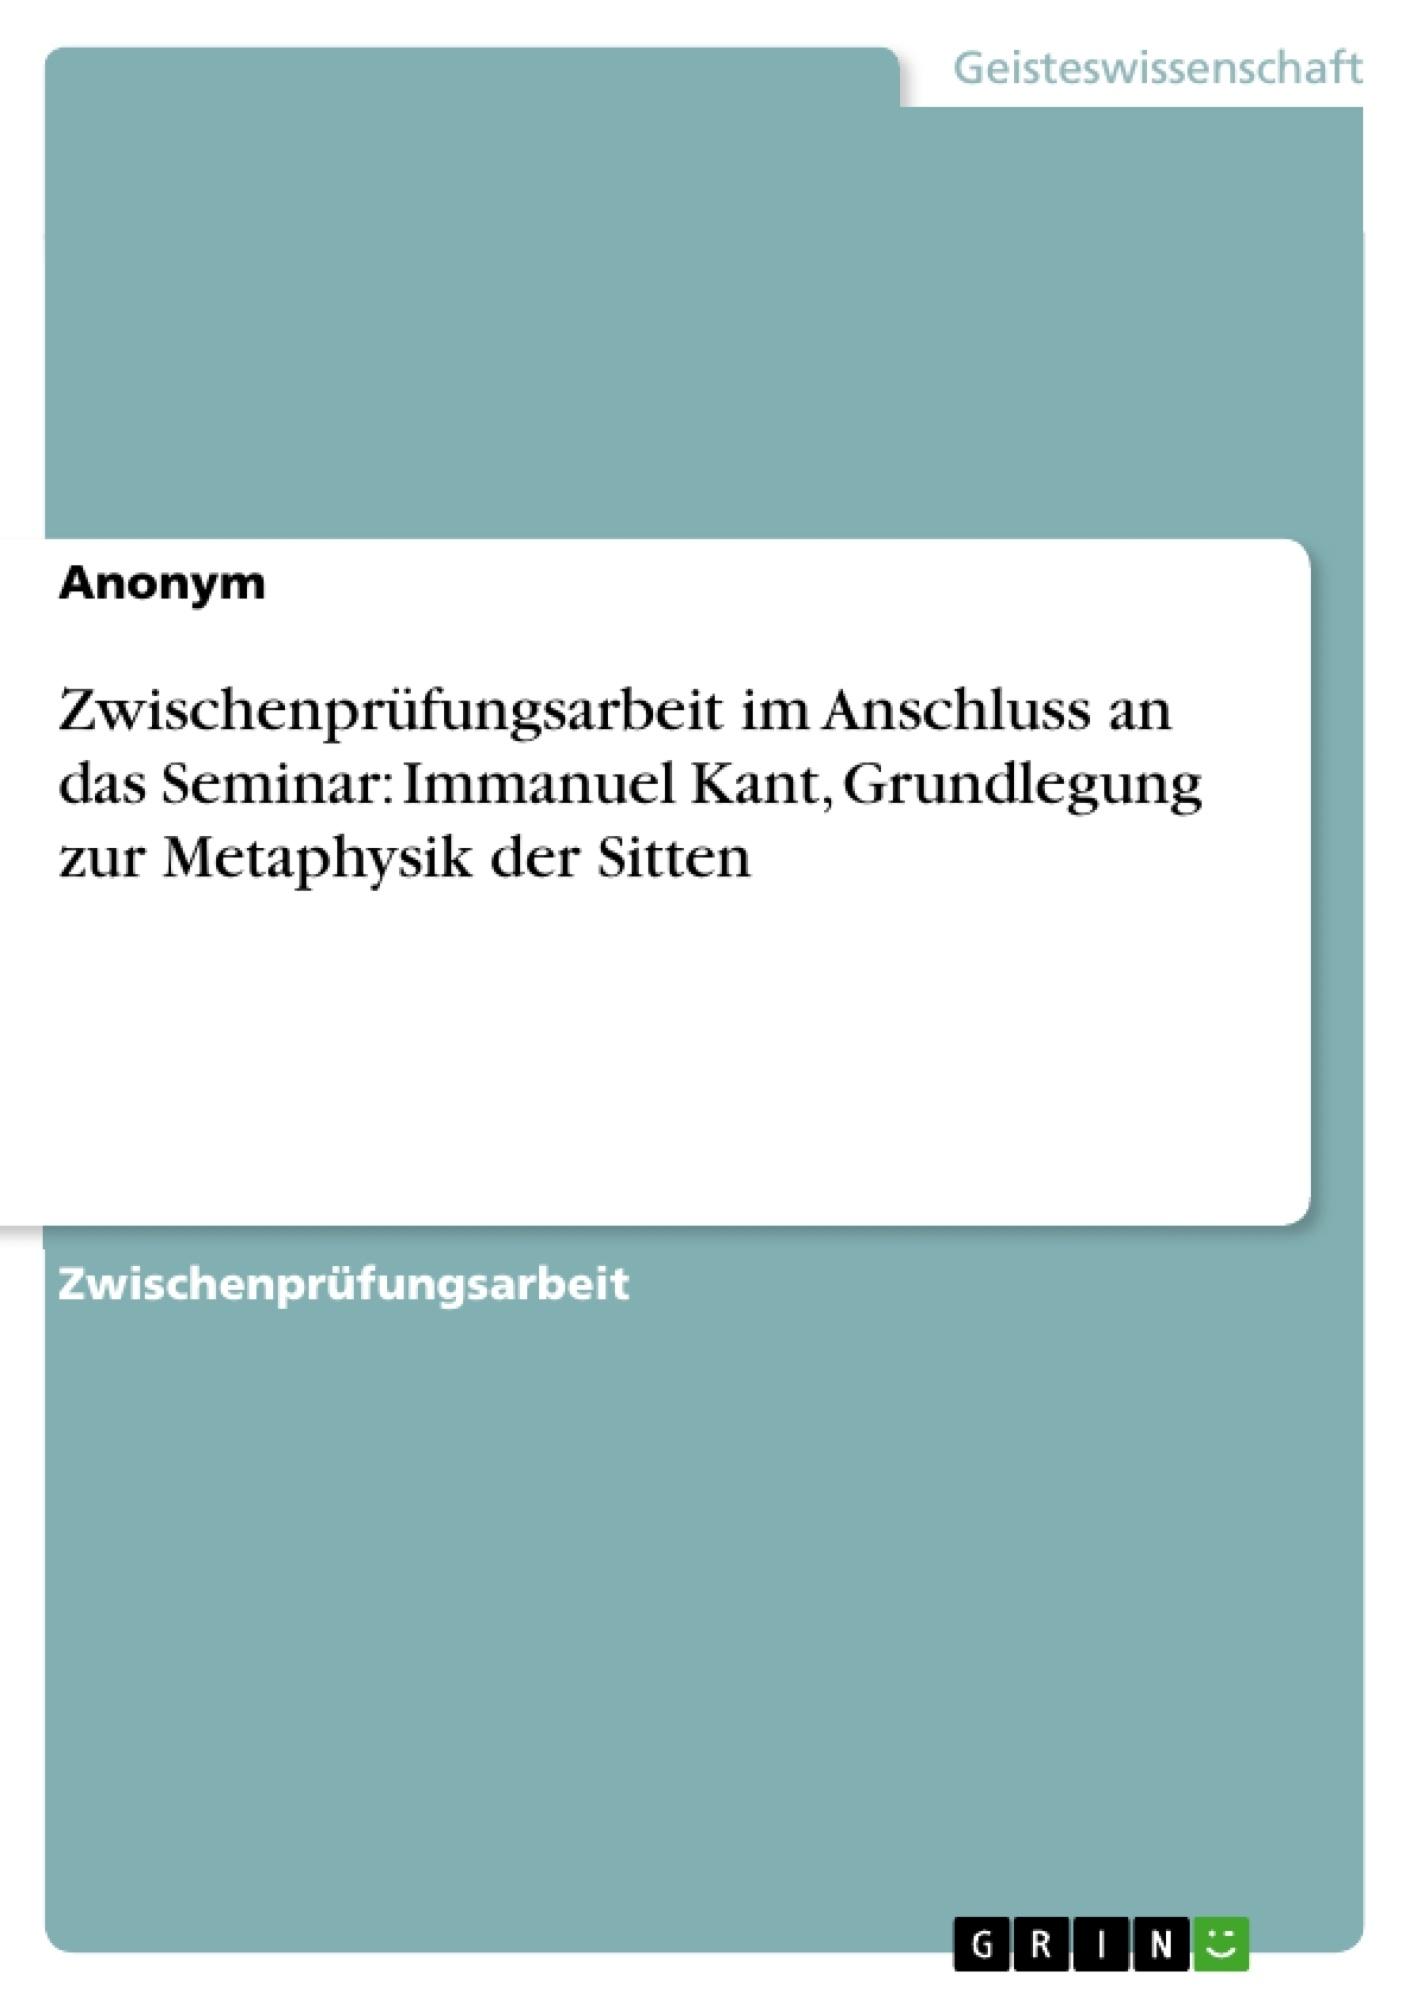 Titel: Zwischenprüfungsarbeit im Anschluss an das Seminar: Immanuel Kant, Grundlegung zur Metaphysik  der Sitten